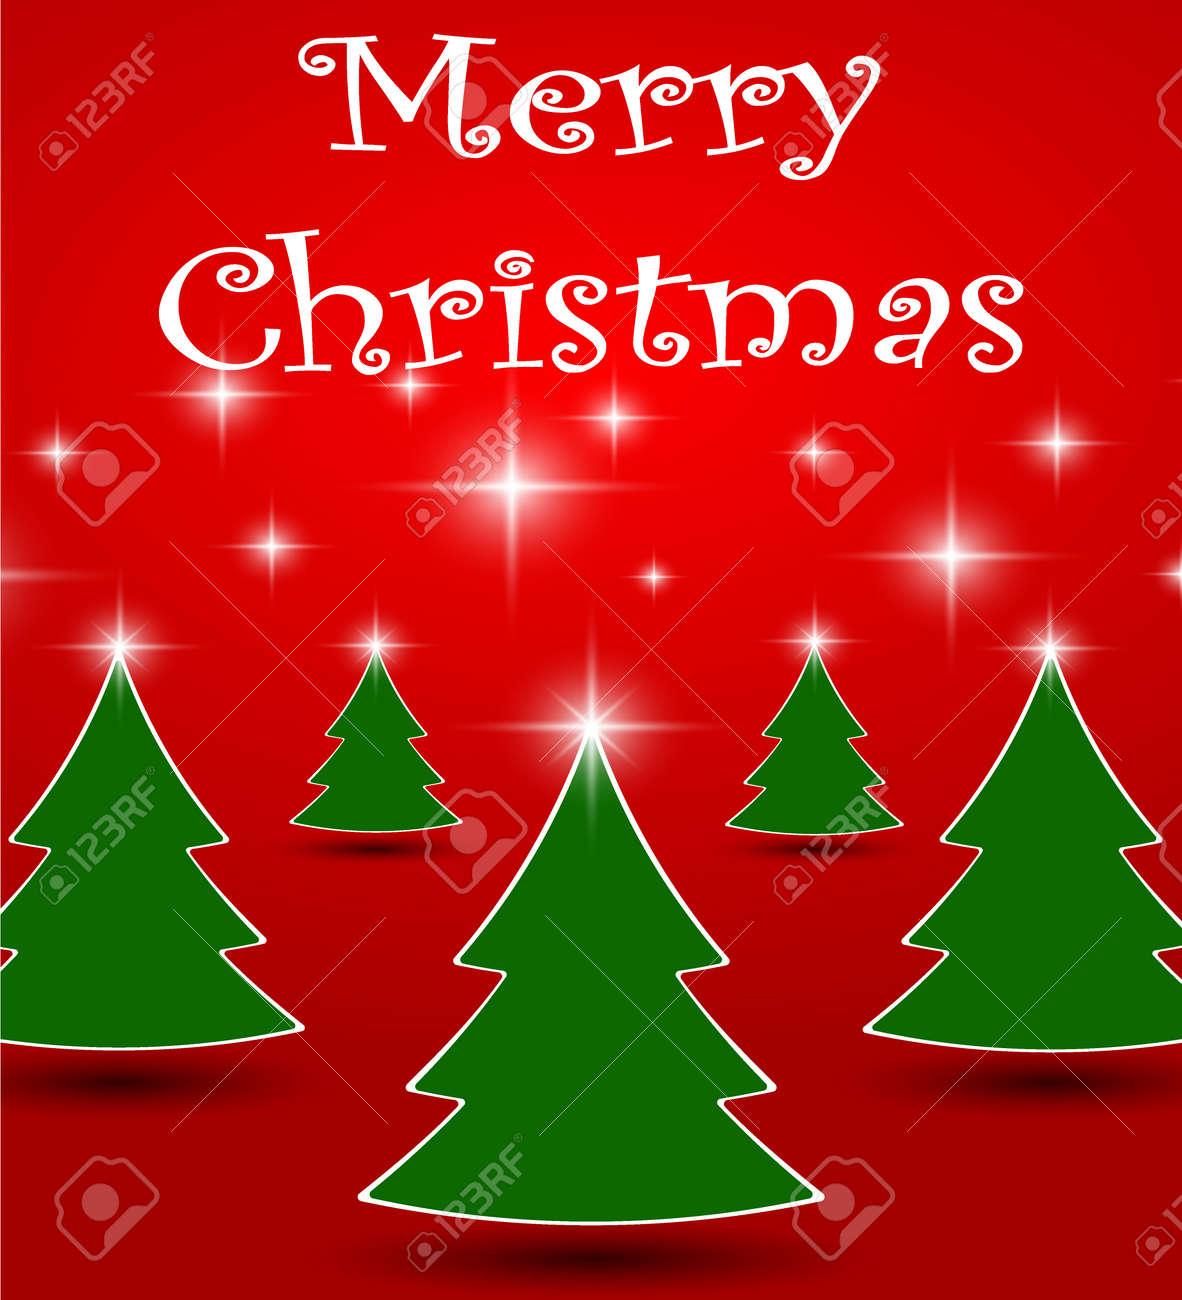 Inicio Feliz Navidad.Palabra Feliz Navidad Blanca Y Arbol De Navidad Con Linea De Inicio Espumoso En Sala De Estudio Rojo Tarjeta De Felicitacion De Vacaciones